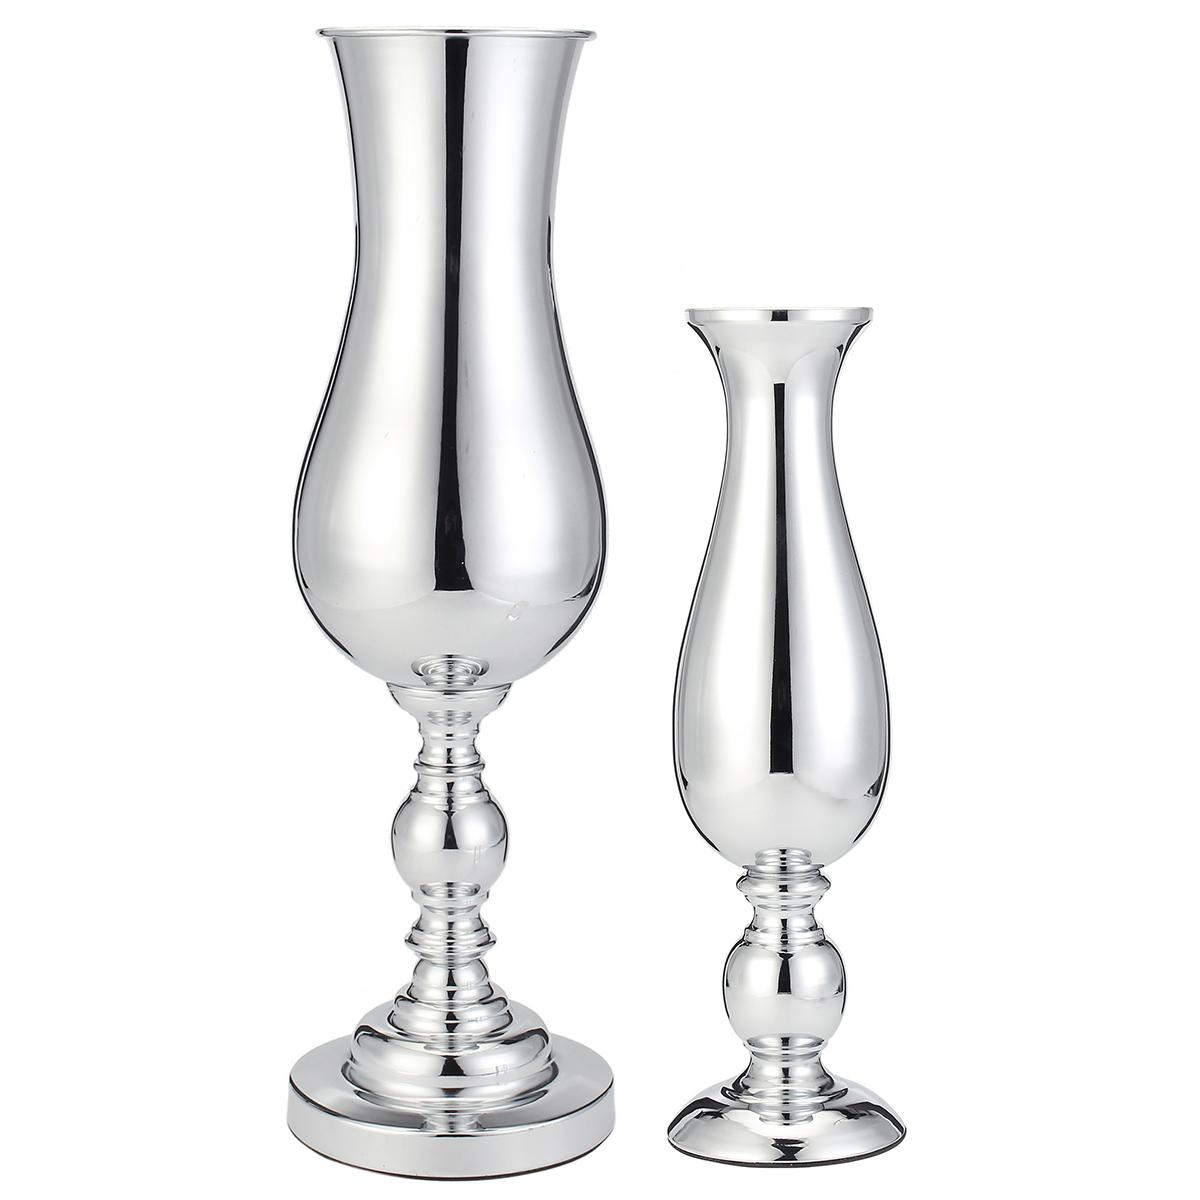 См Посеребренная ваза Уорн Центральная деталь Дисплей Свадебное Стол Цветочный орнамент